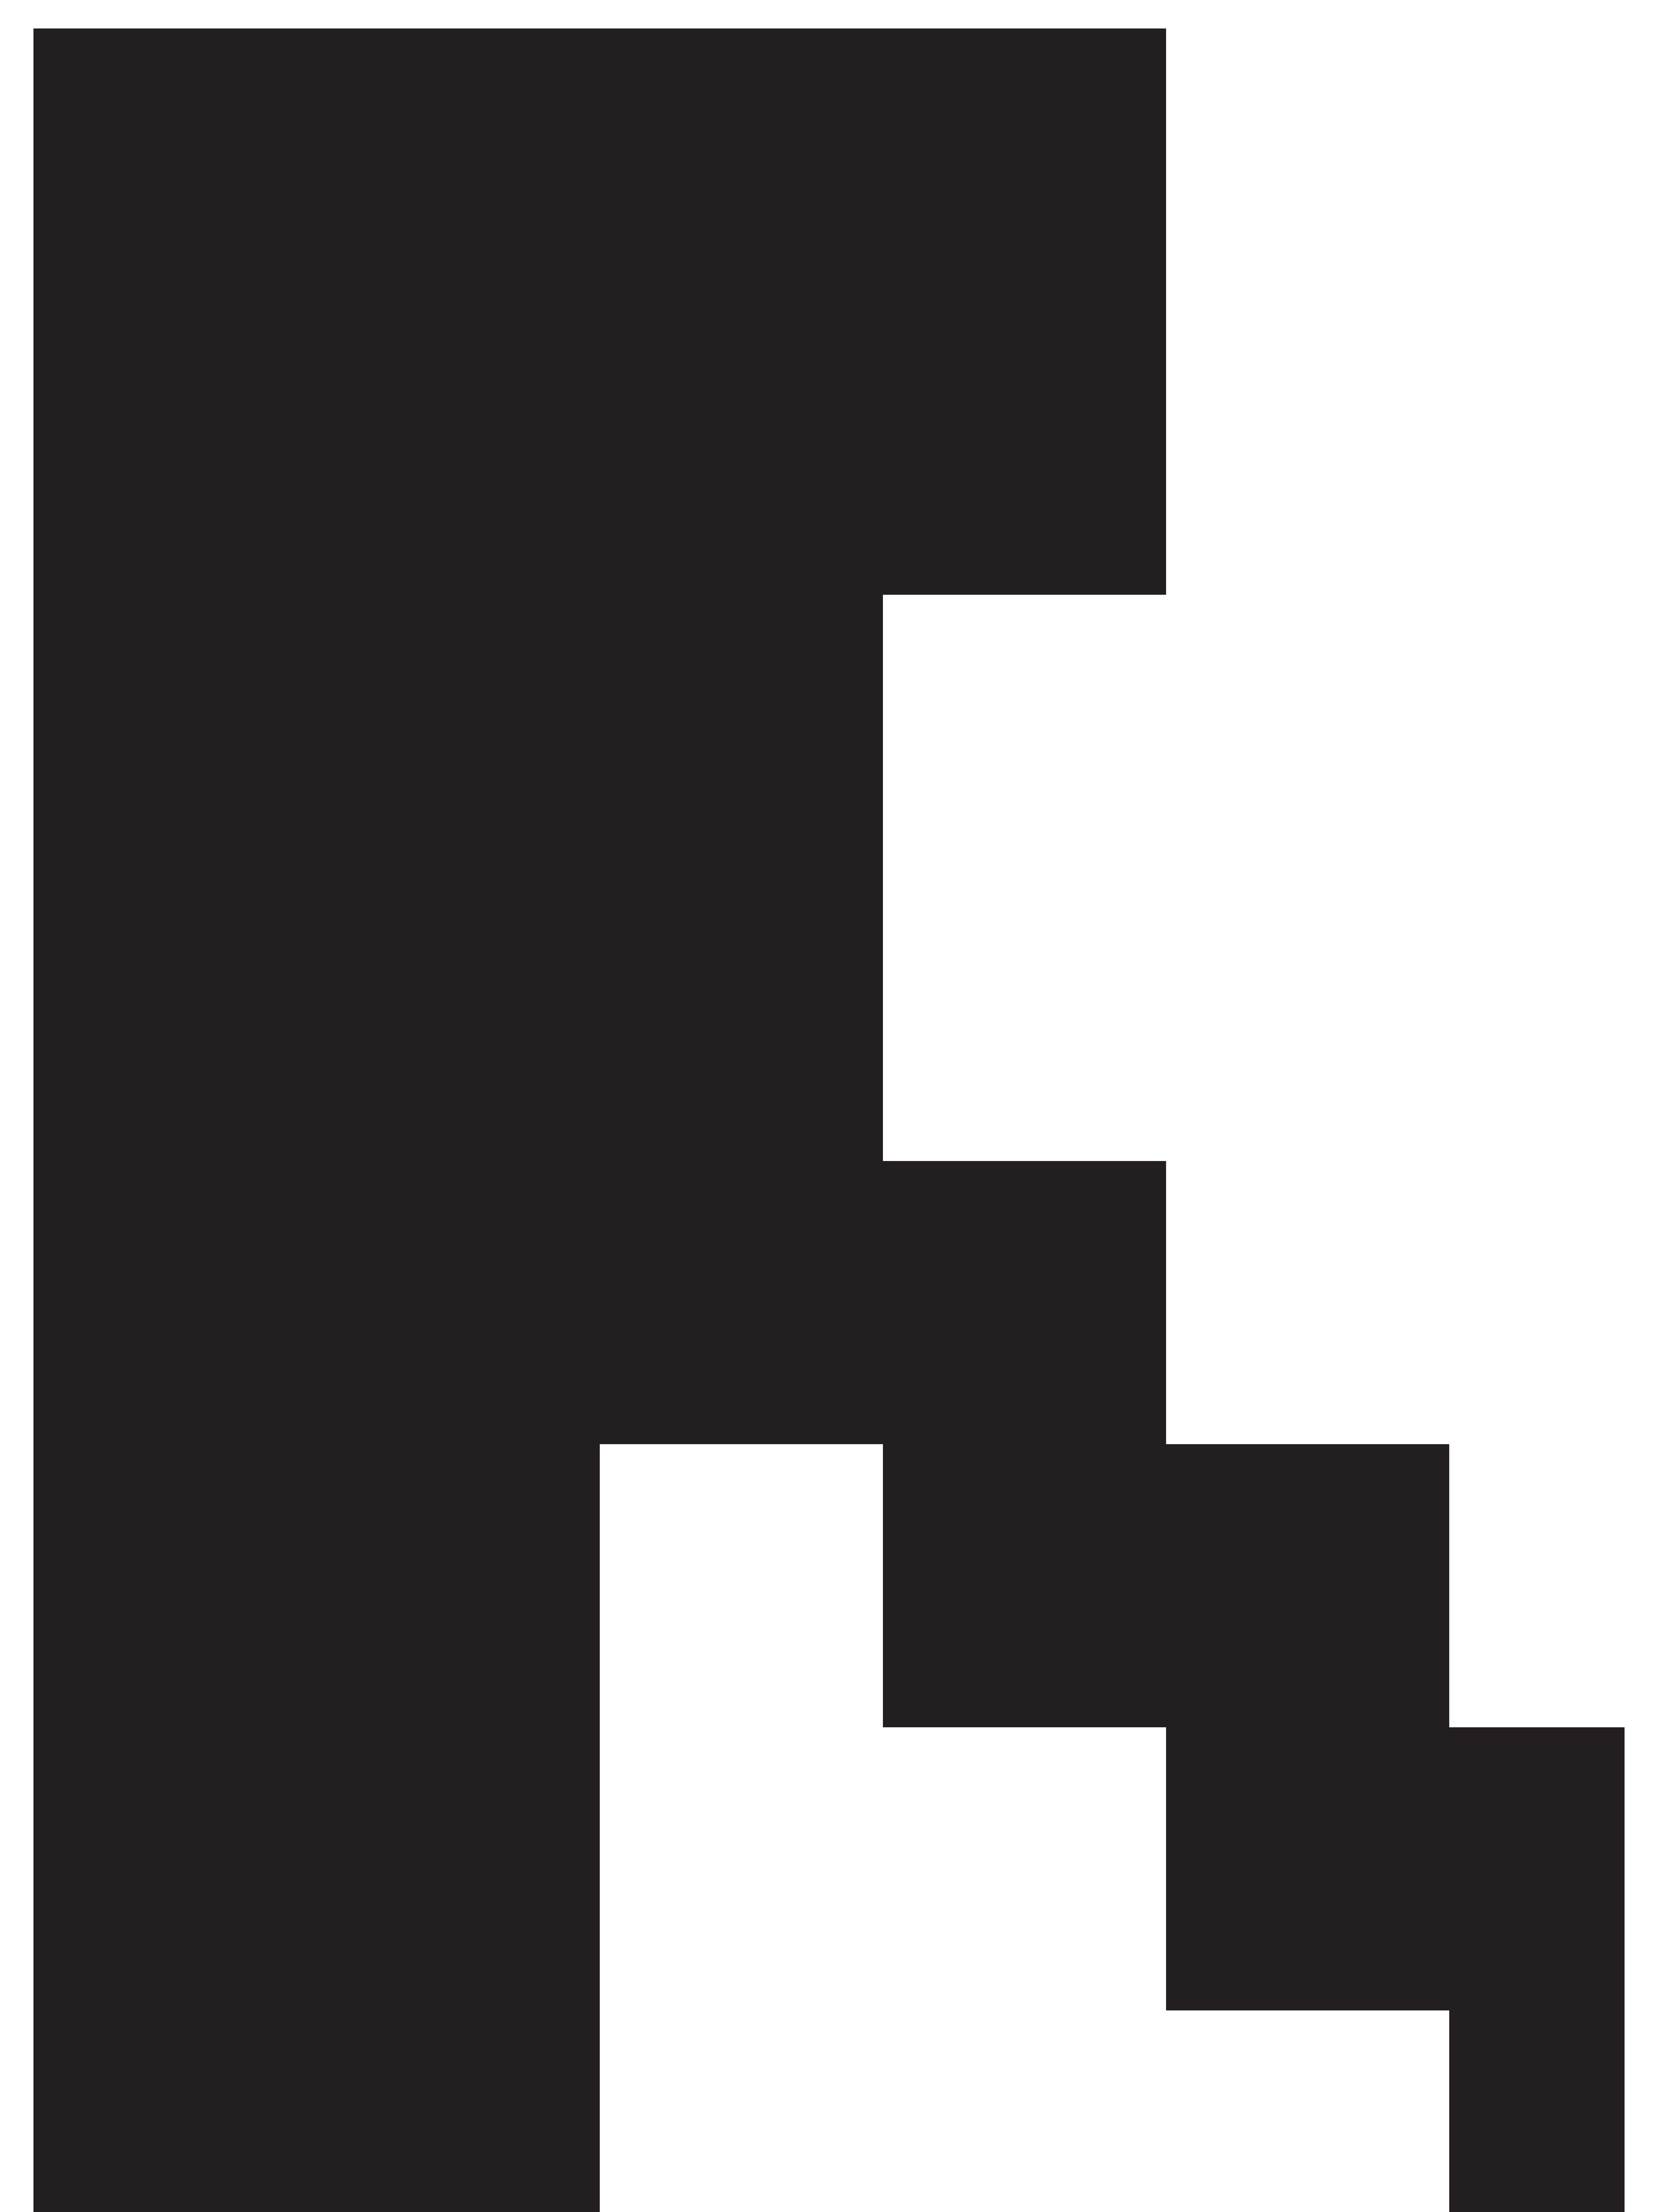 Silhouette clip art png. Golfing clipart golf winner